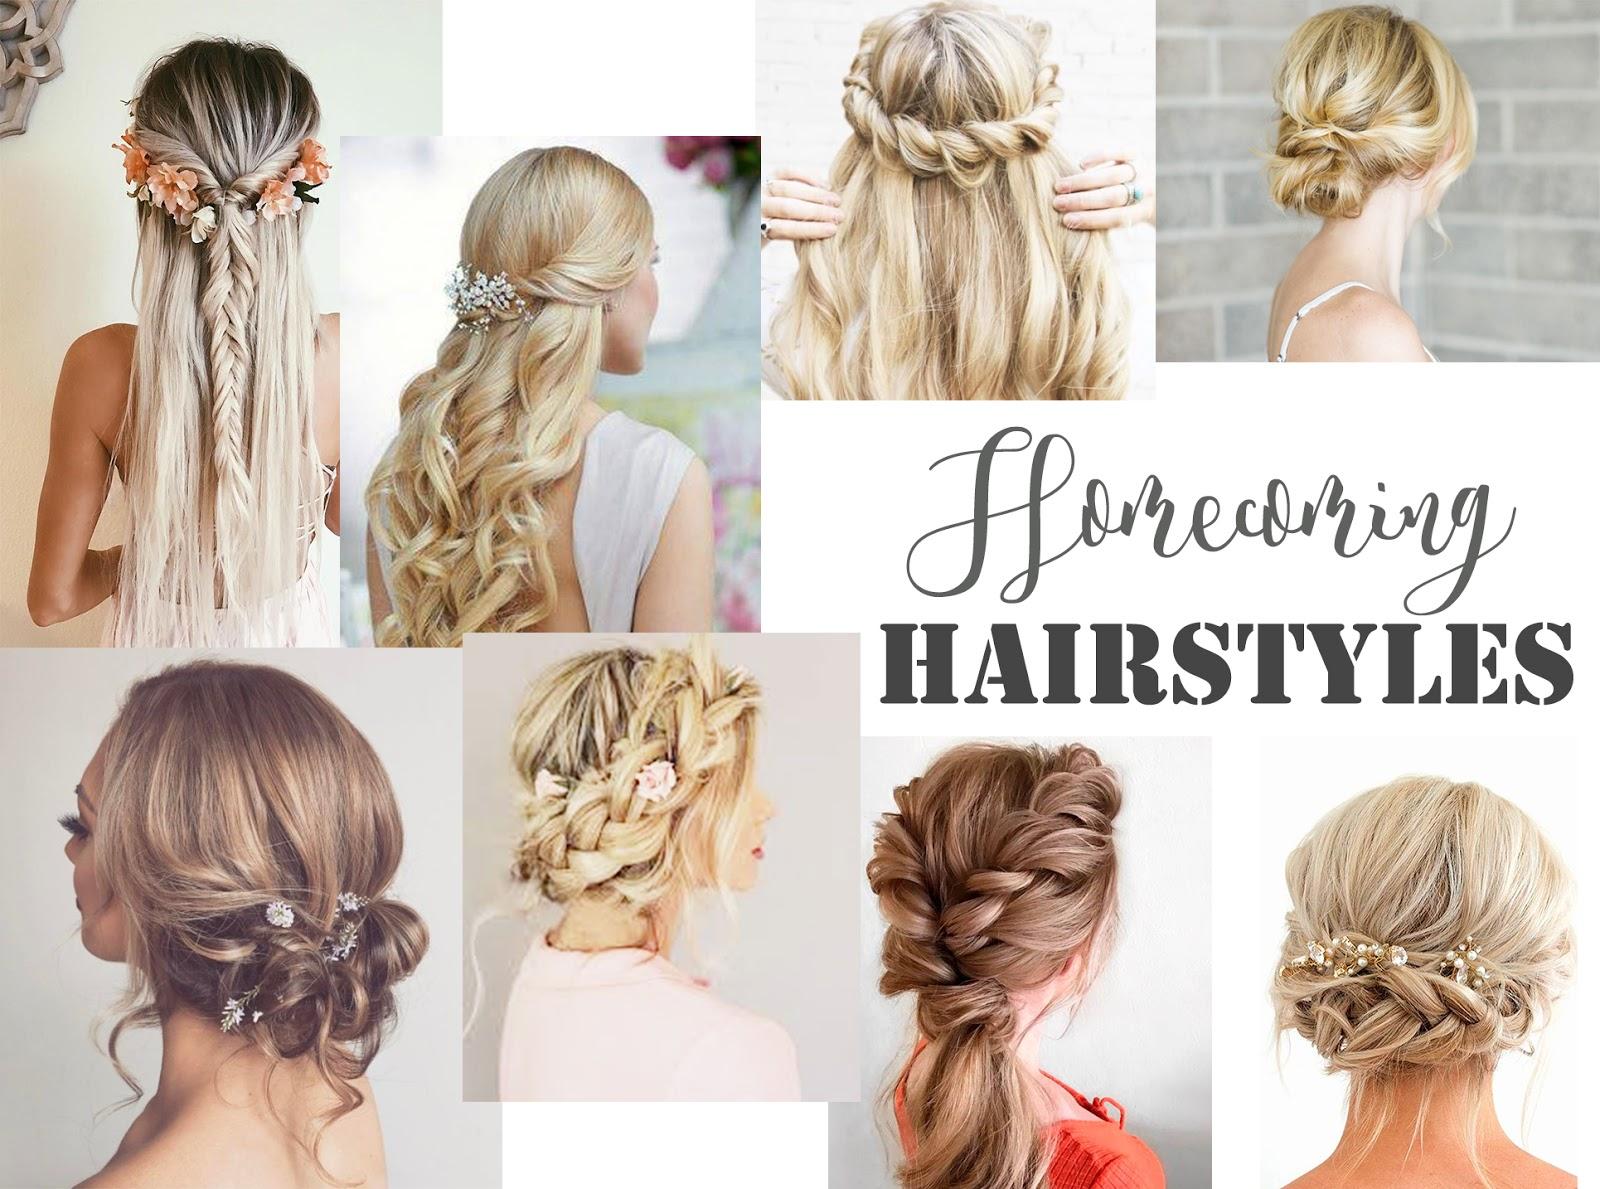 Shopping: Homecoming Hairstyles - Crystal Chiffon